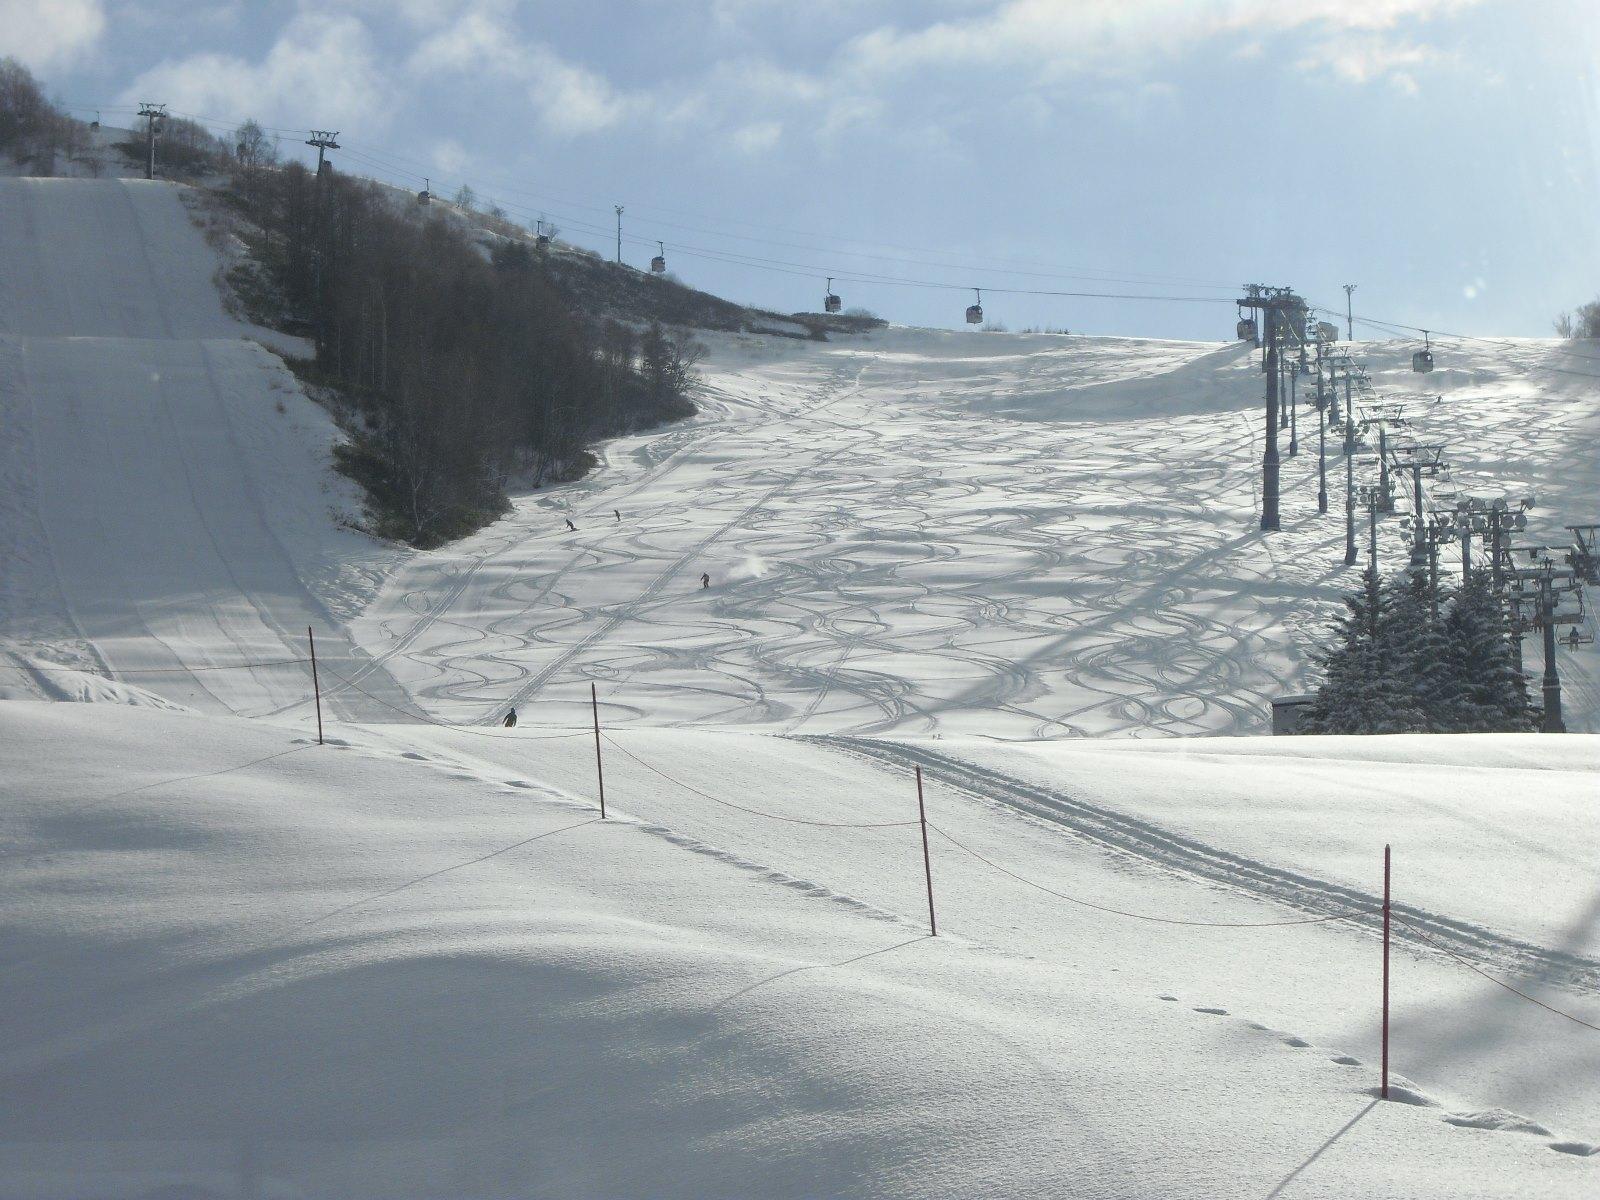 Mt. Racey